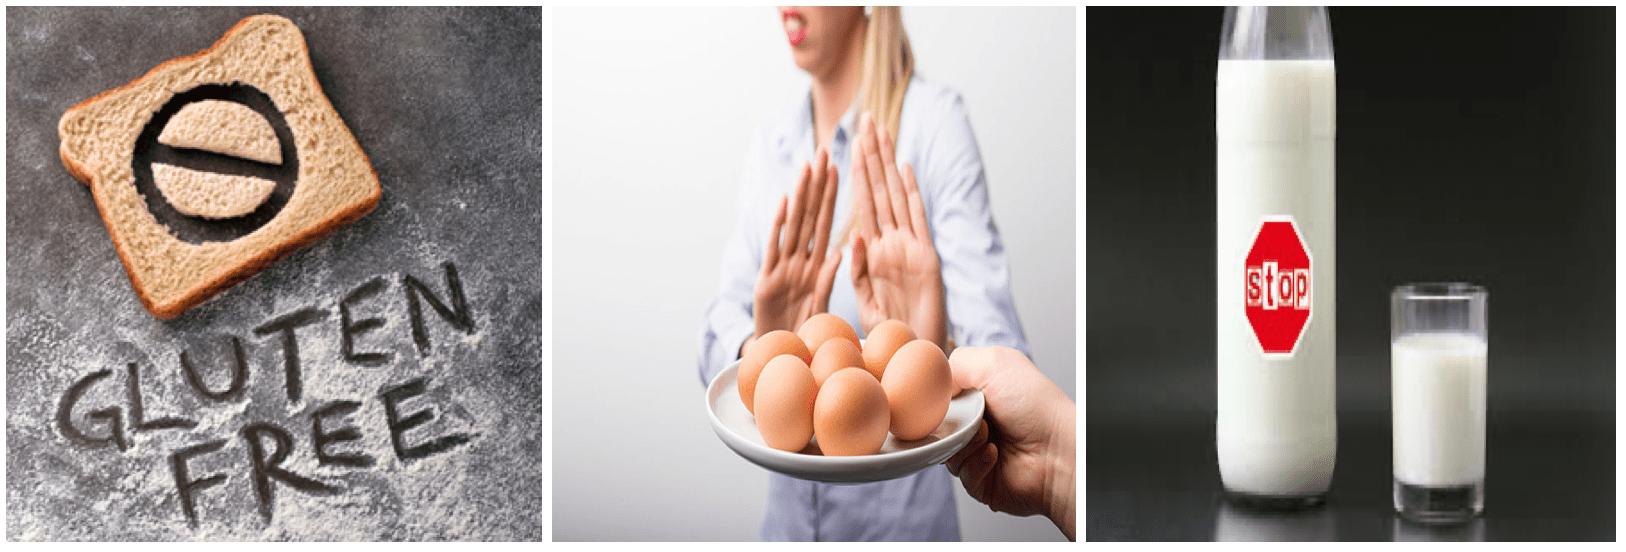 No Gluten No Eggs No Dairy